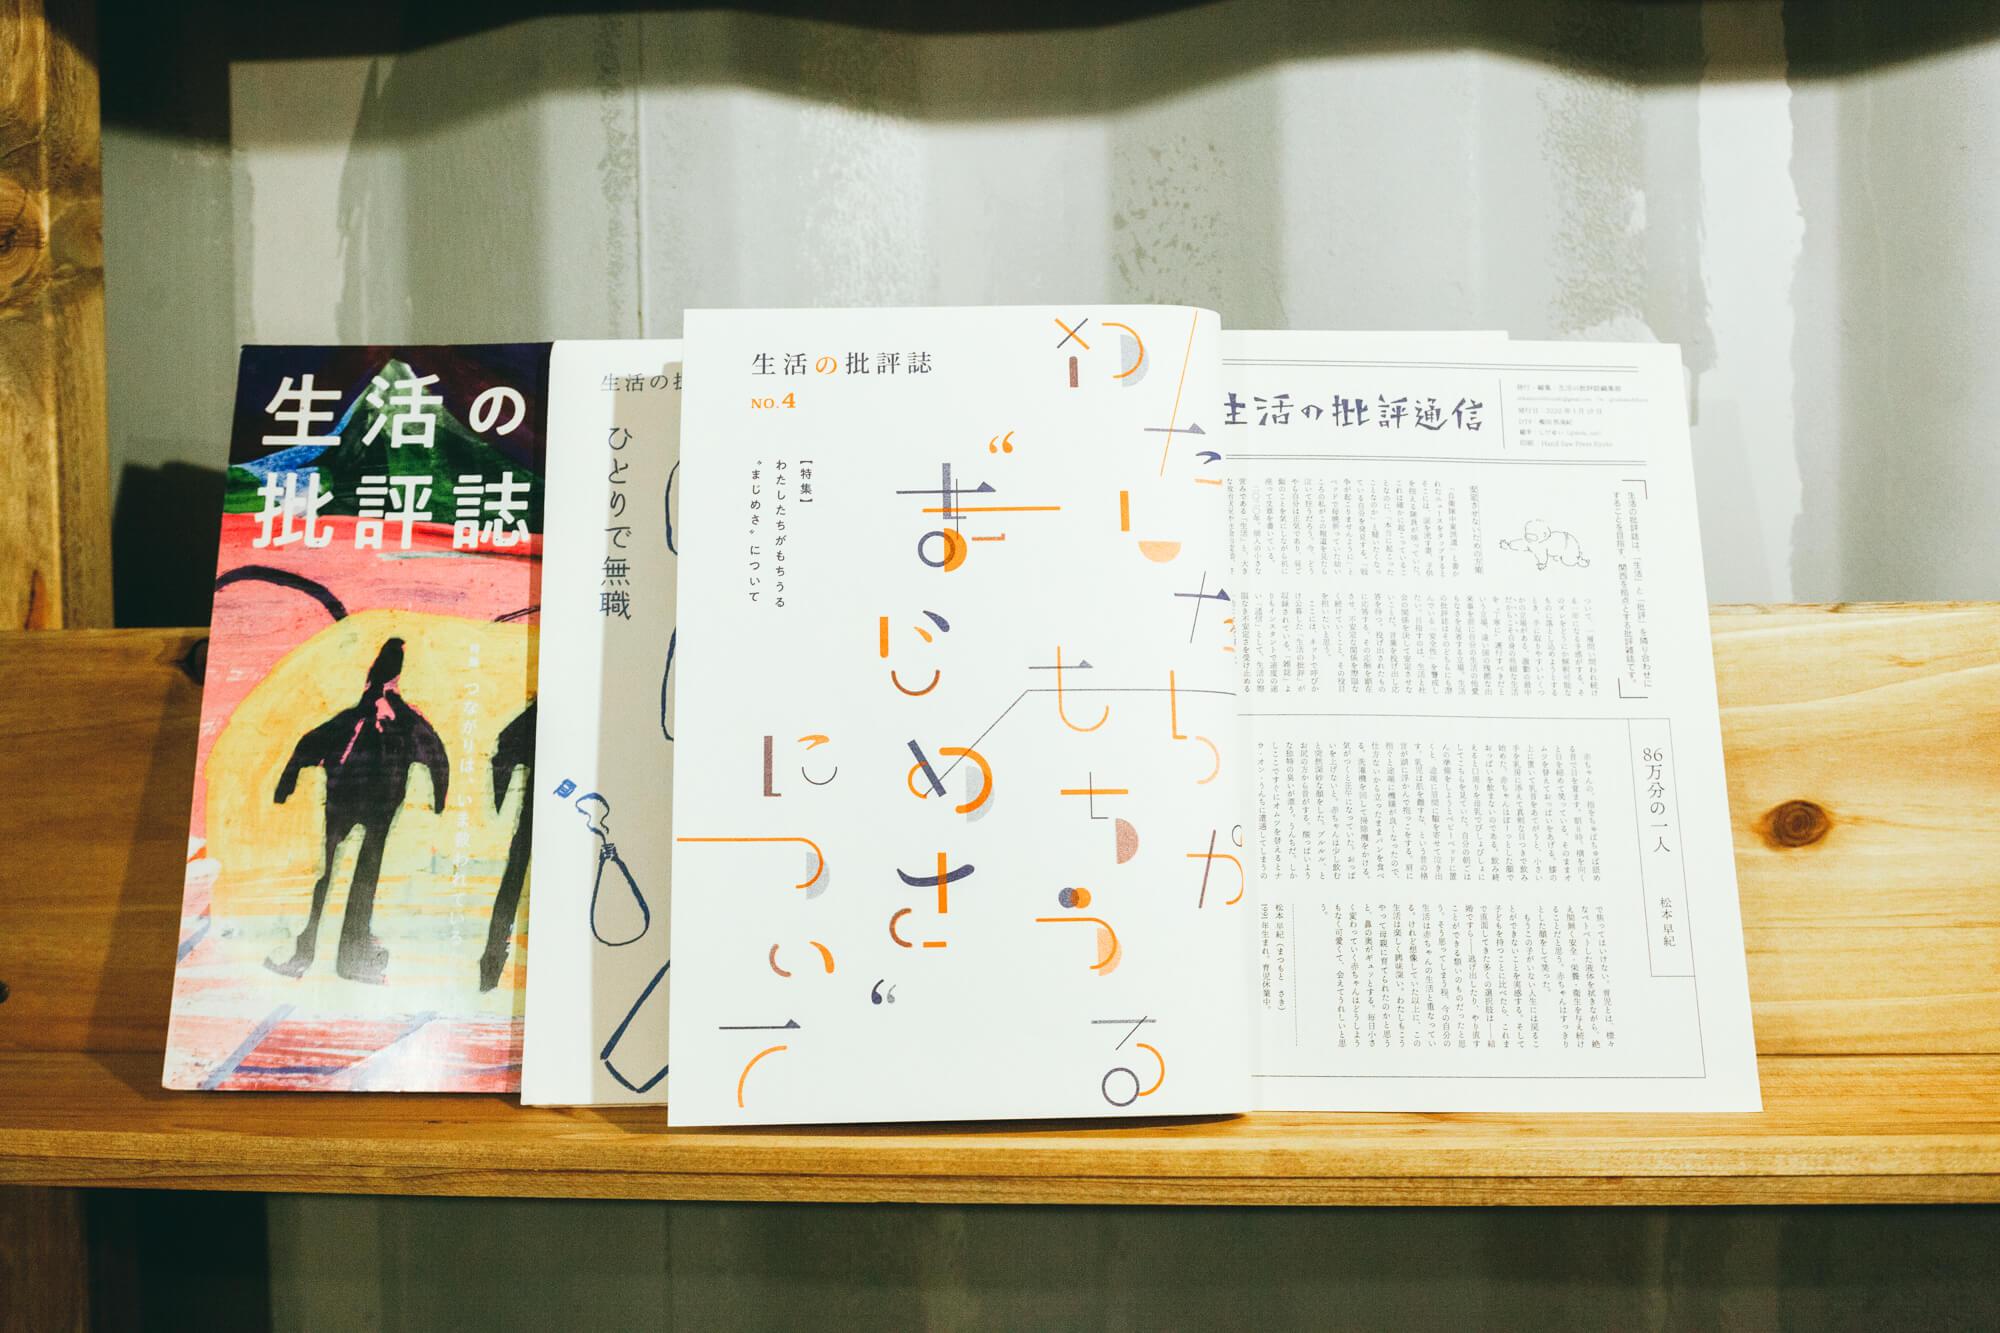 『生活の批評誌』依田那美紀さんに聞く、他人と誠実に関わるために「ひとり」でつくること。